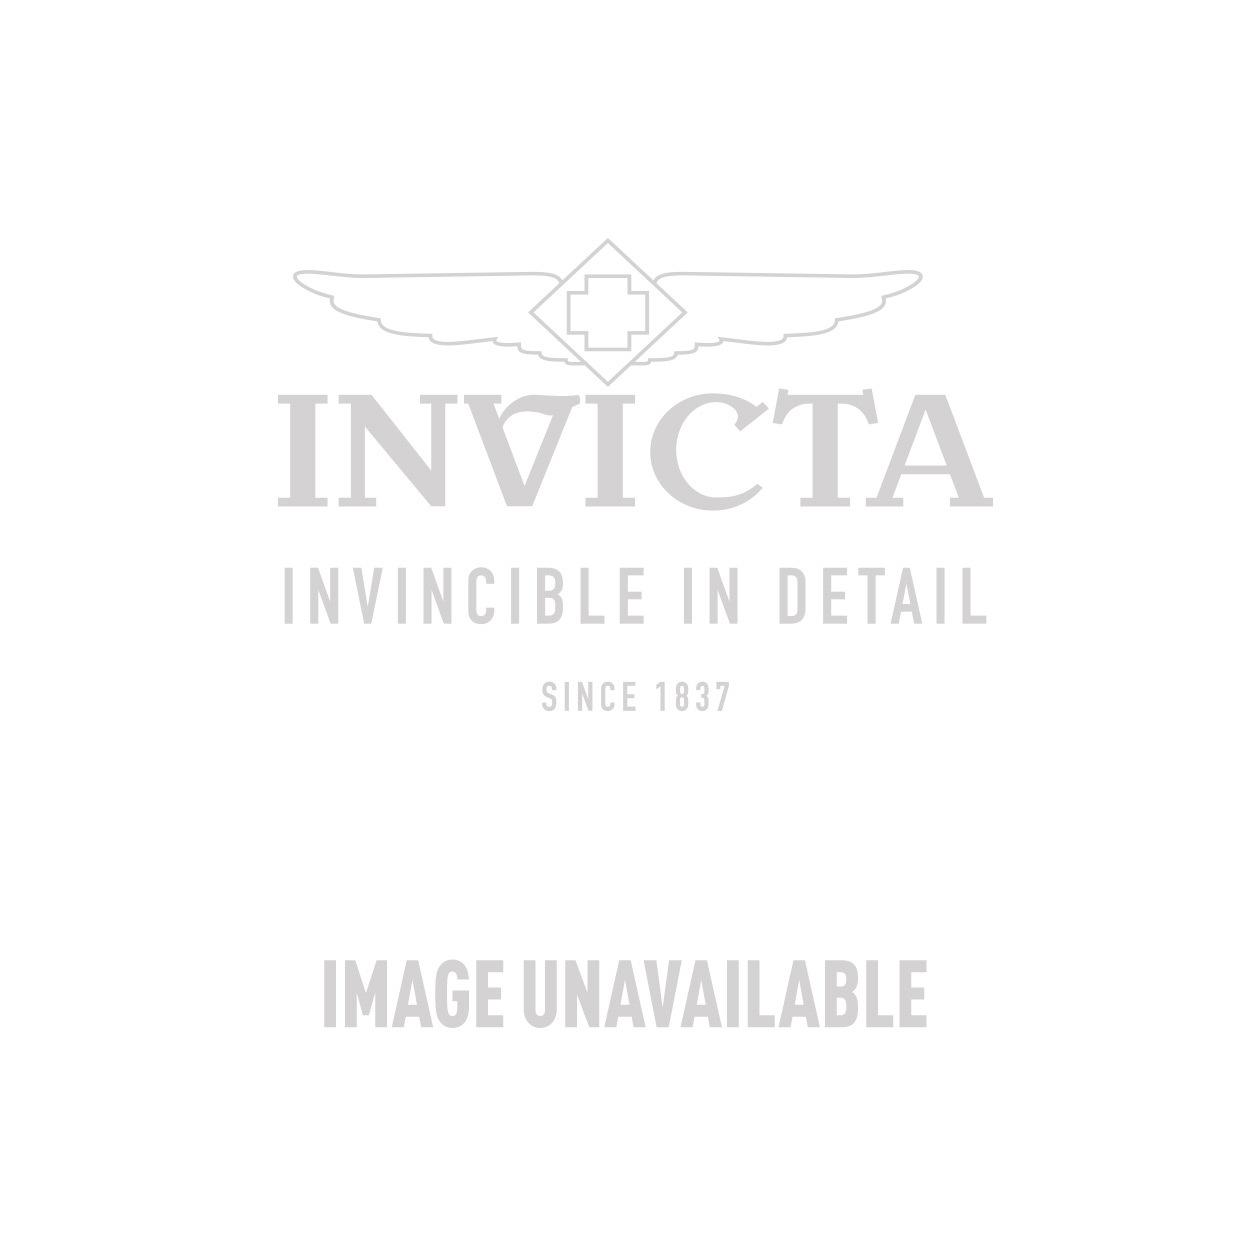 Invicta Model 27501